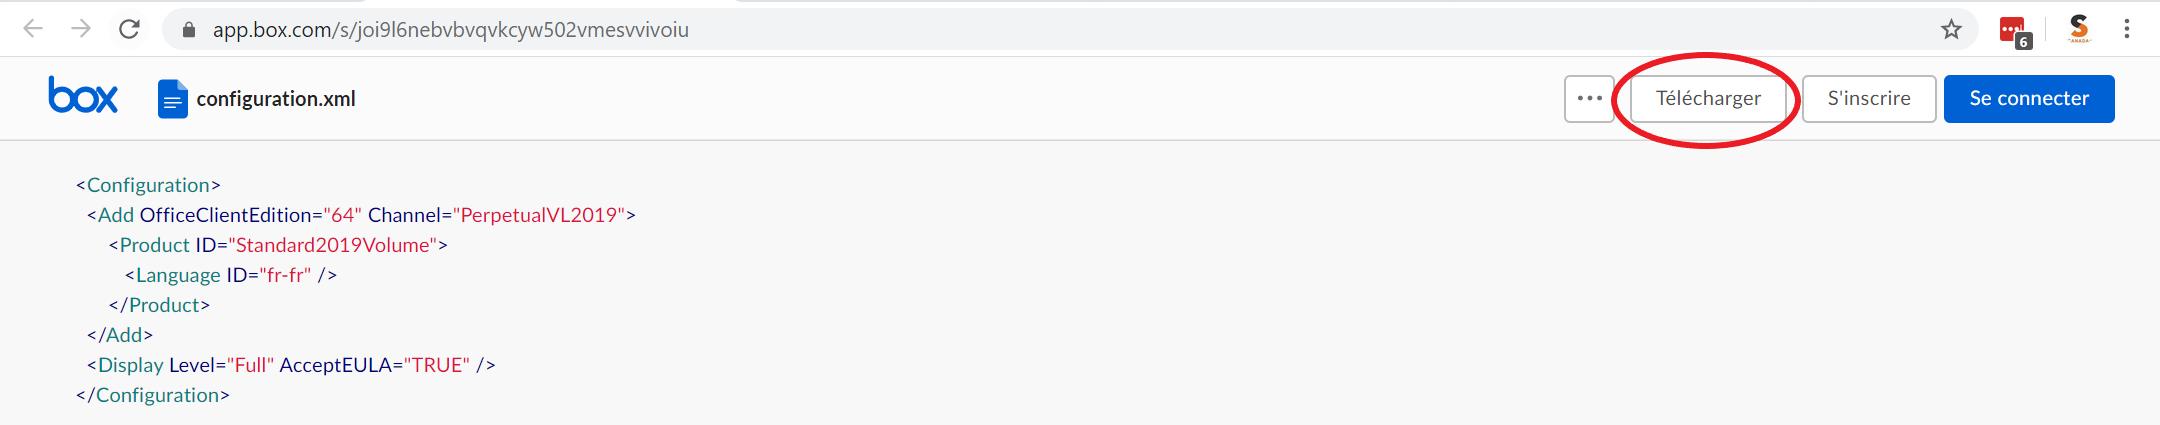 Box.com affiche le contenu de configuration.xml; un cercle rouge survole le bouton 'Télécharger'